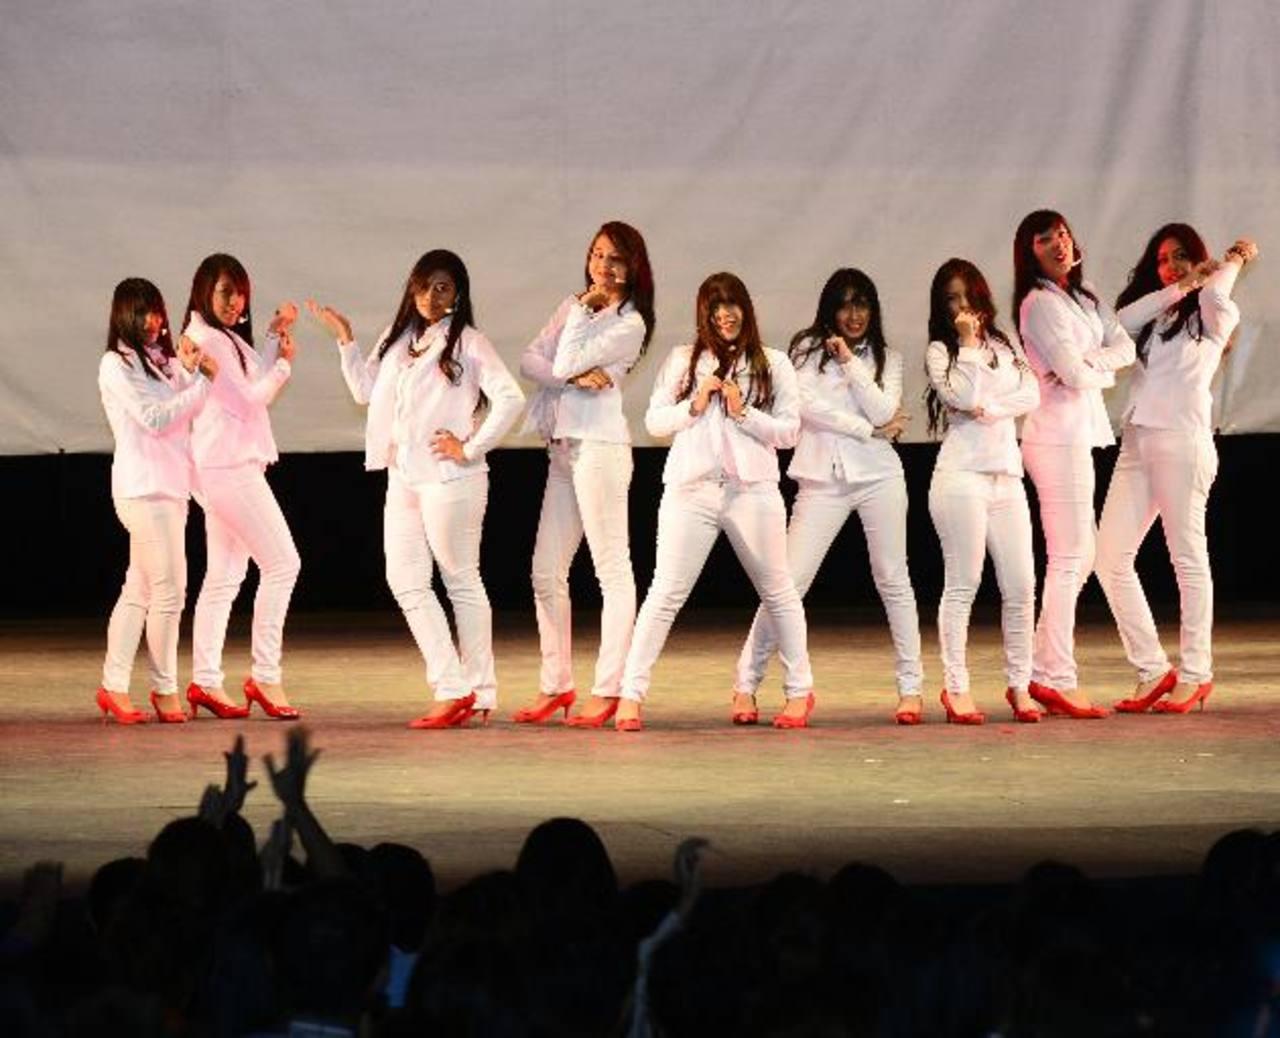 Diamond Girls conquistó con su coreografía y vestimenta. Fotos EDH /René Estrada